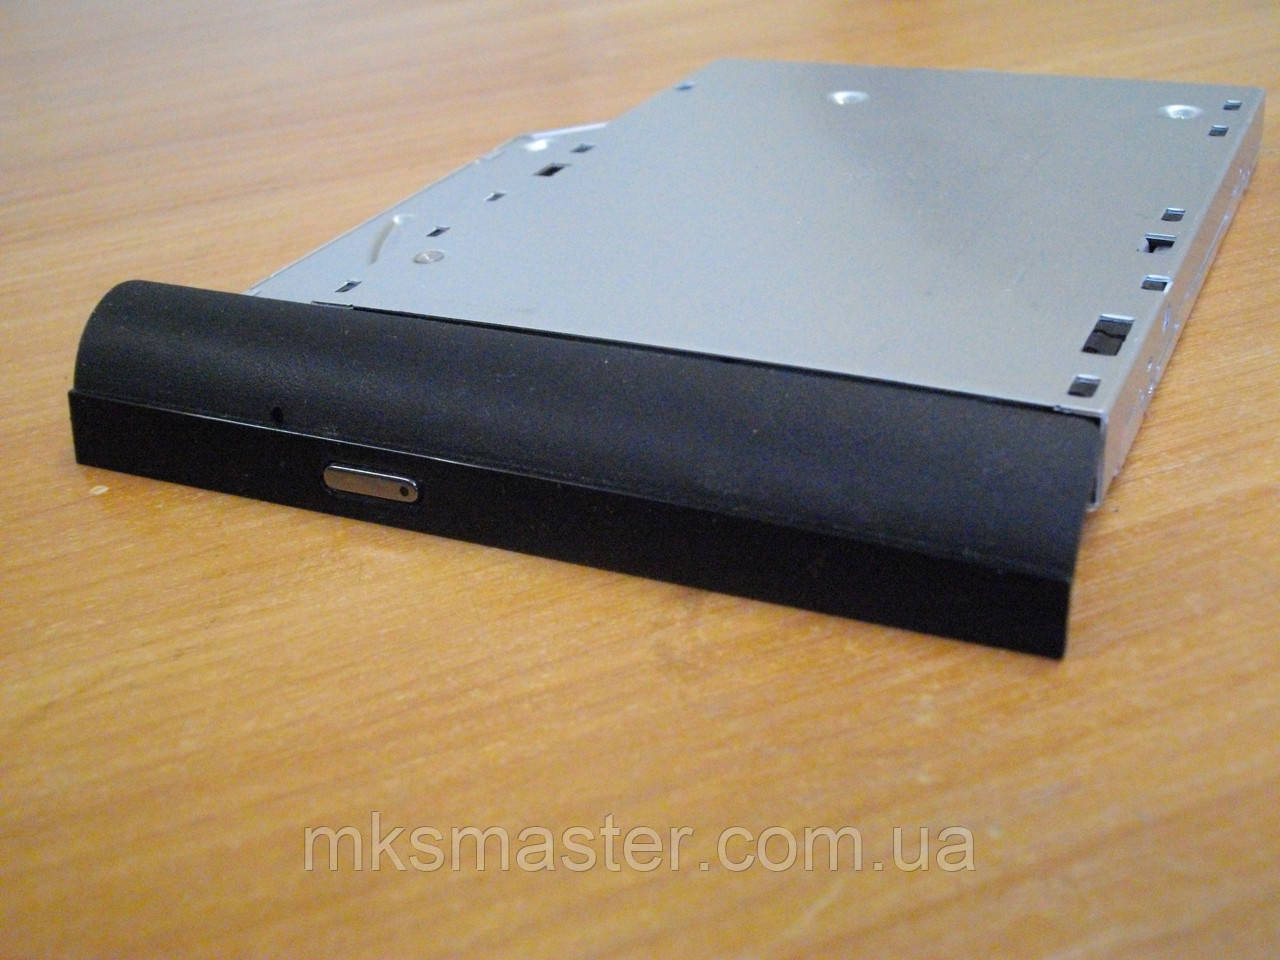 Дисковод, оптический привод DVD CD RW HP G7-2228er G7-2000 G7-2200